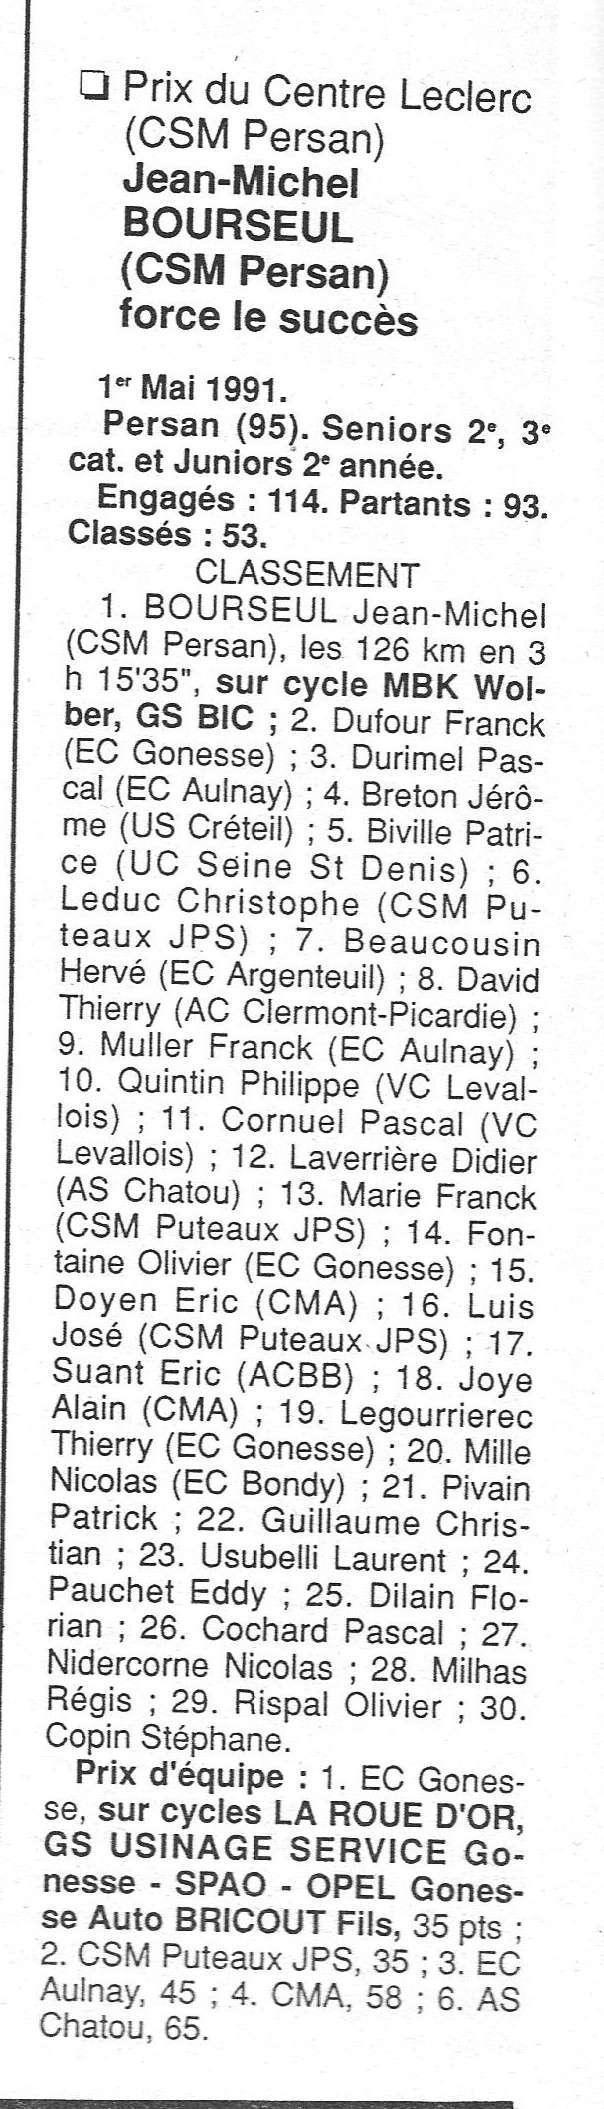 CSM.Persan. BIC. Toute une époque de janvier 1990 à novembre 2007 - Page 6 1991_084